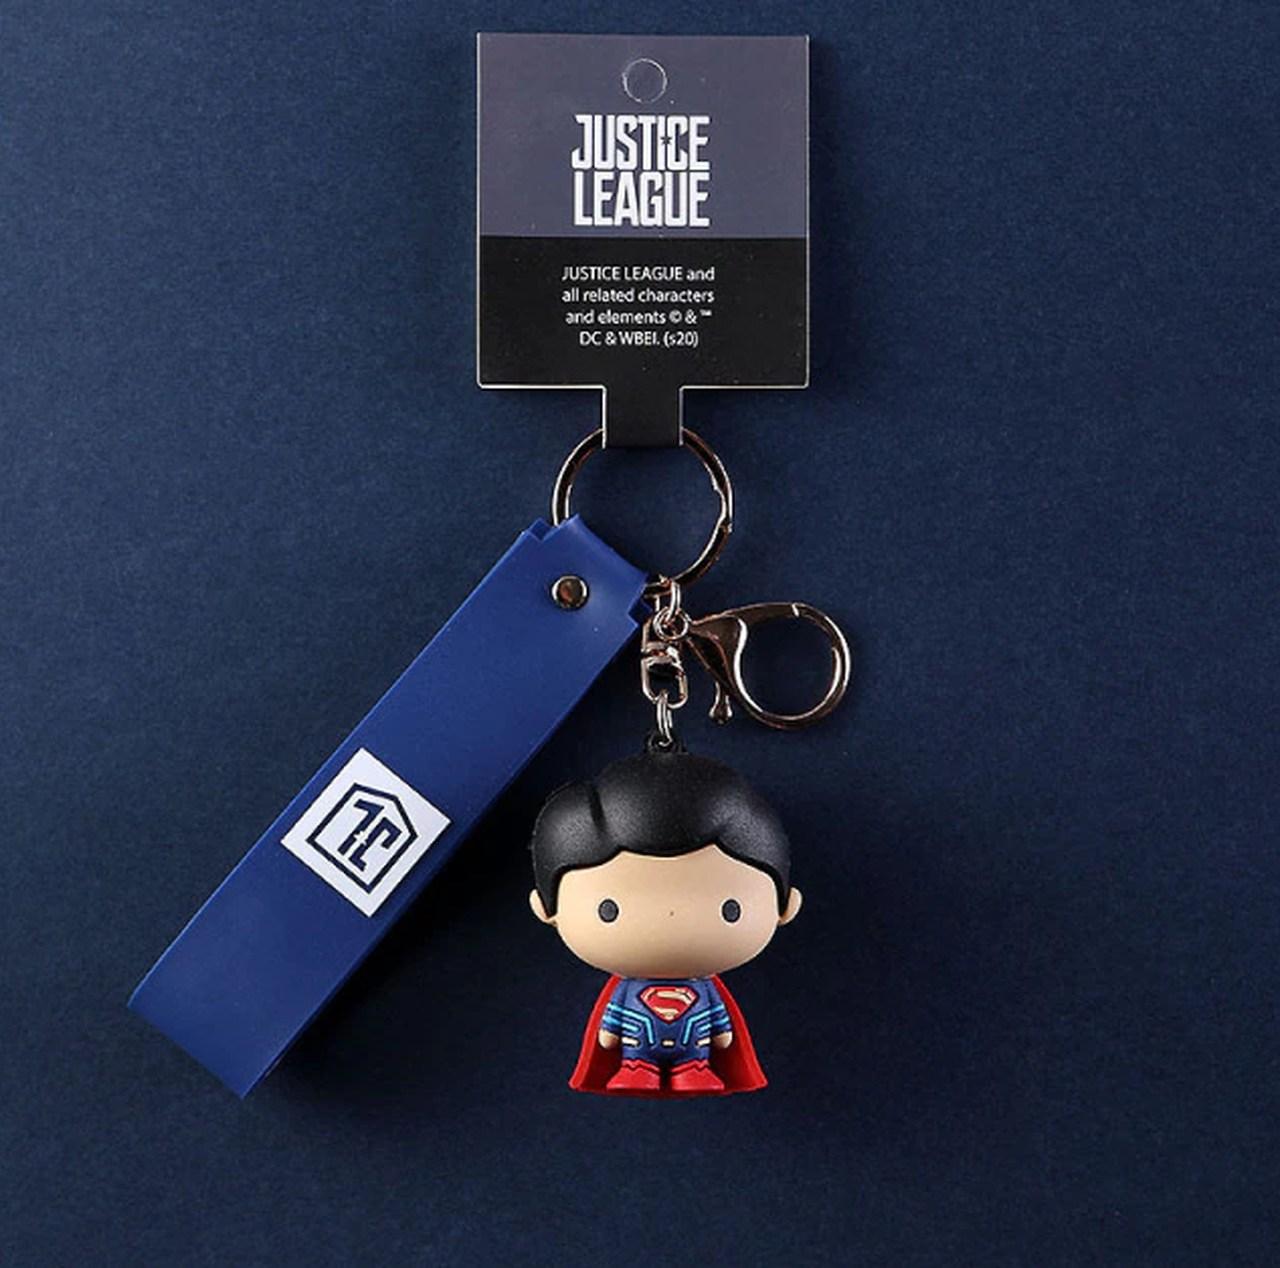 Chaveiro Super Homem Superman: Liga da Justiça Justice League DC Comics - EVALI